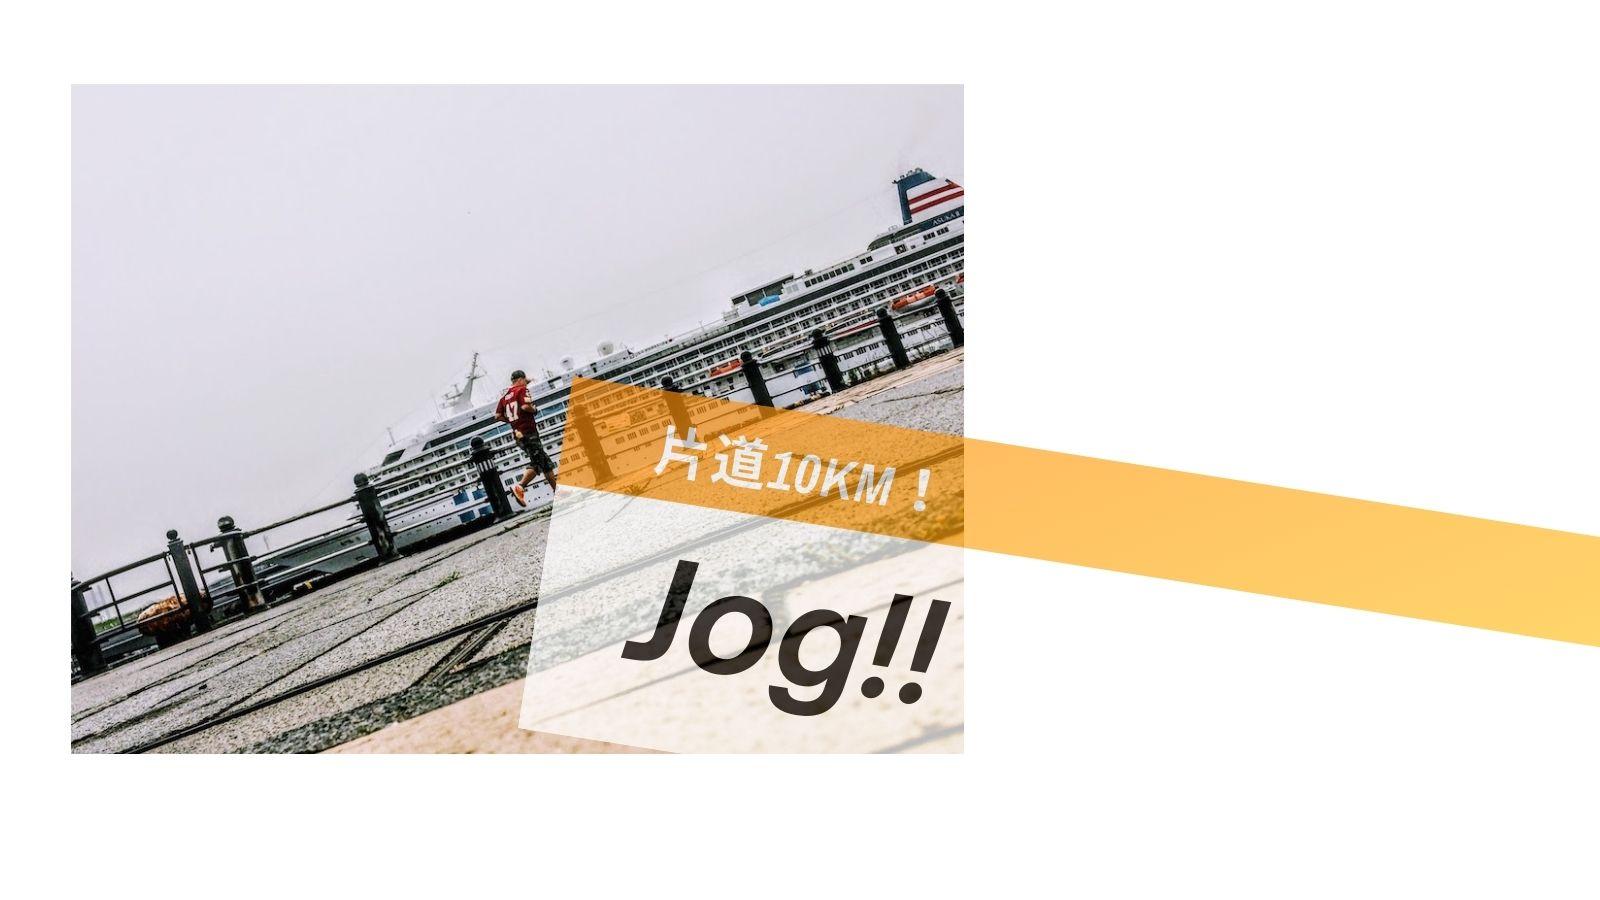 横浜みなとみらいから山手エリアを網羅できるおすすめランニングコース【片道6.5kmで黄金スポットを網羅!】のバナー画像